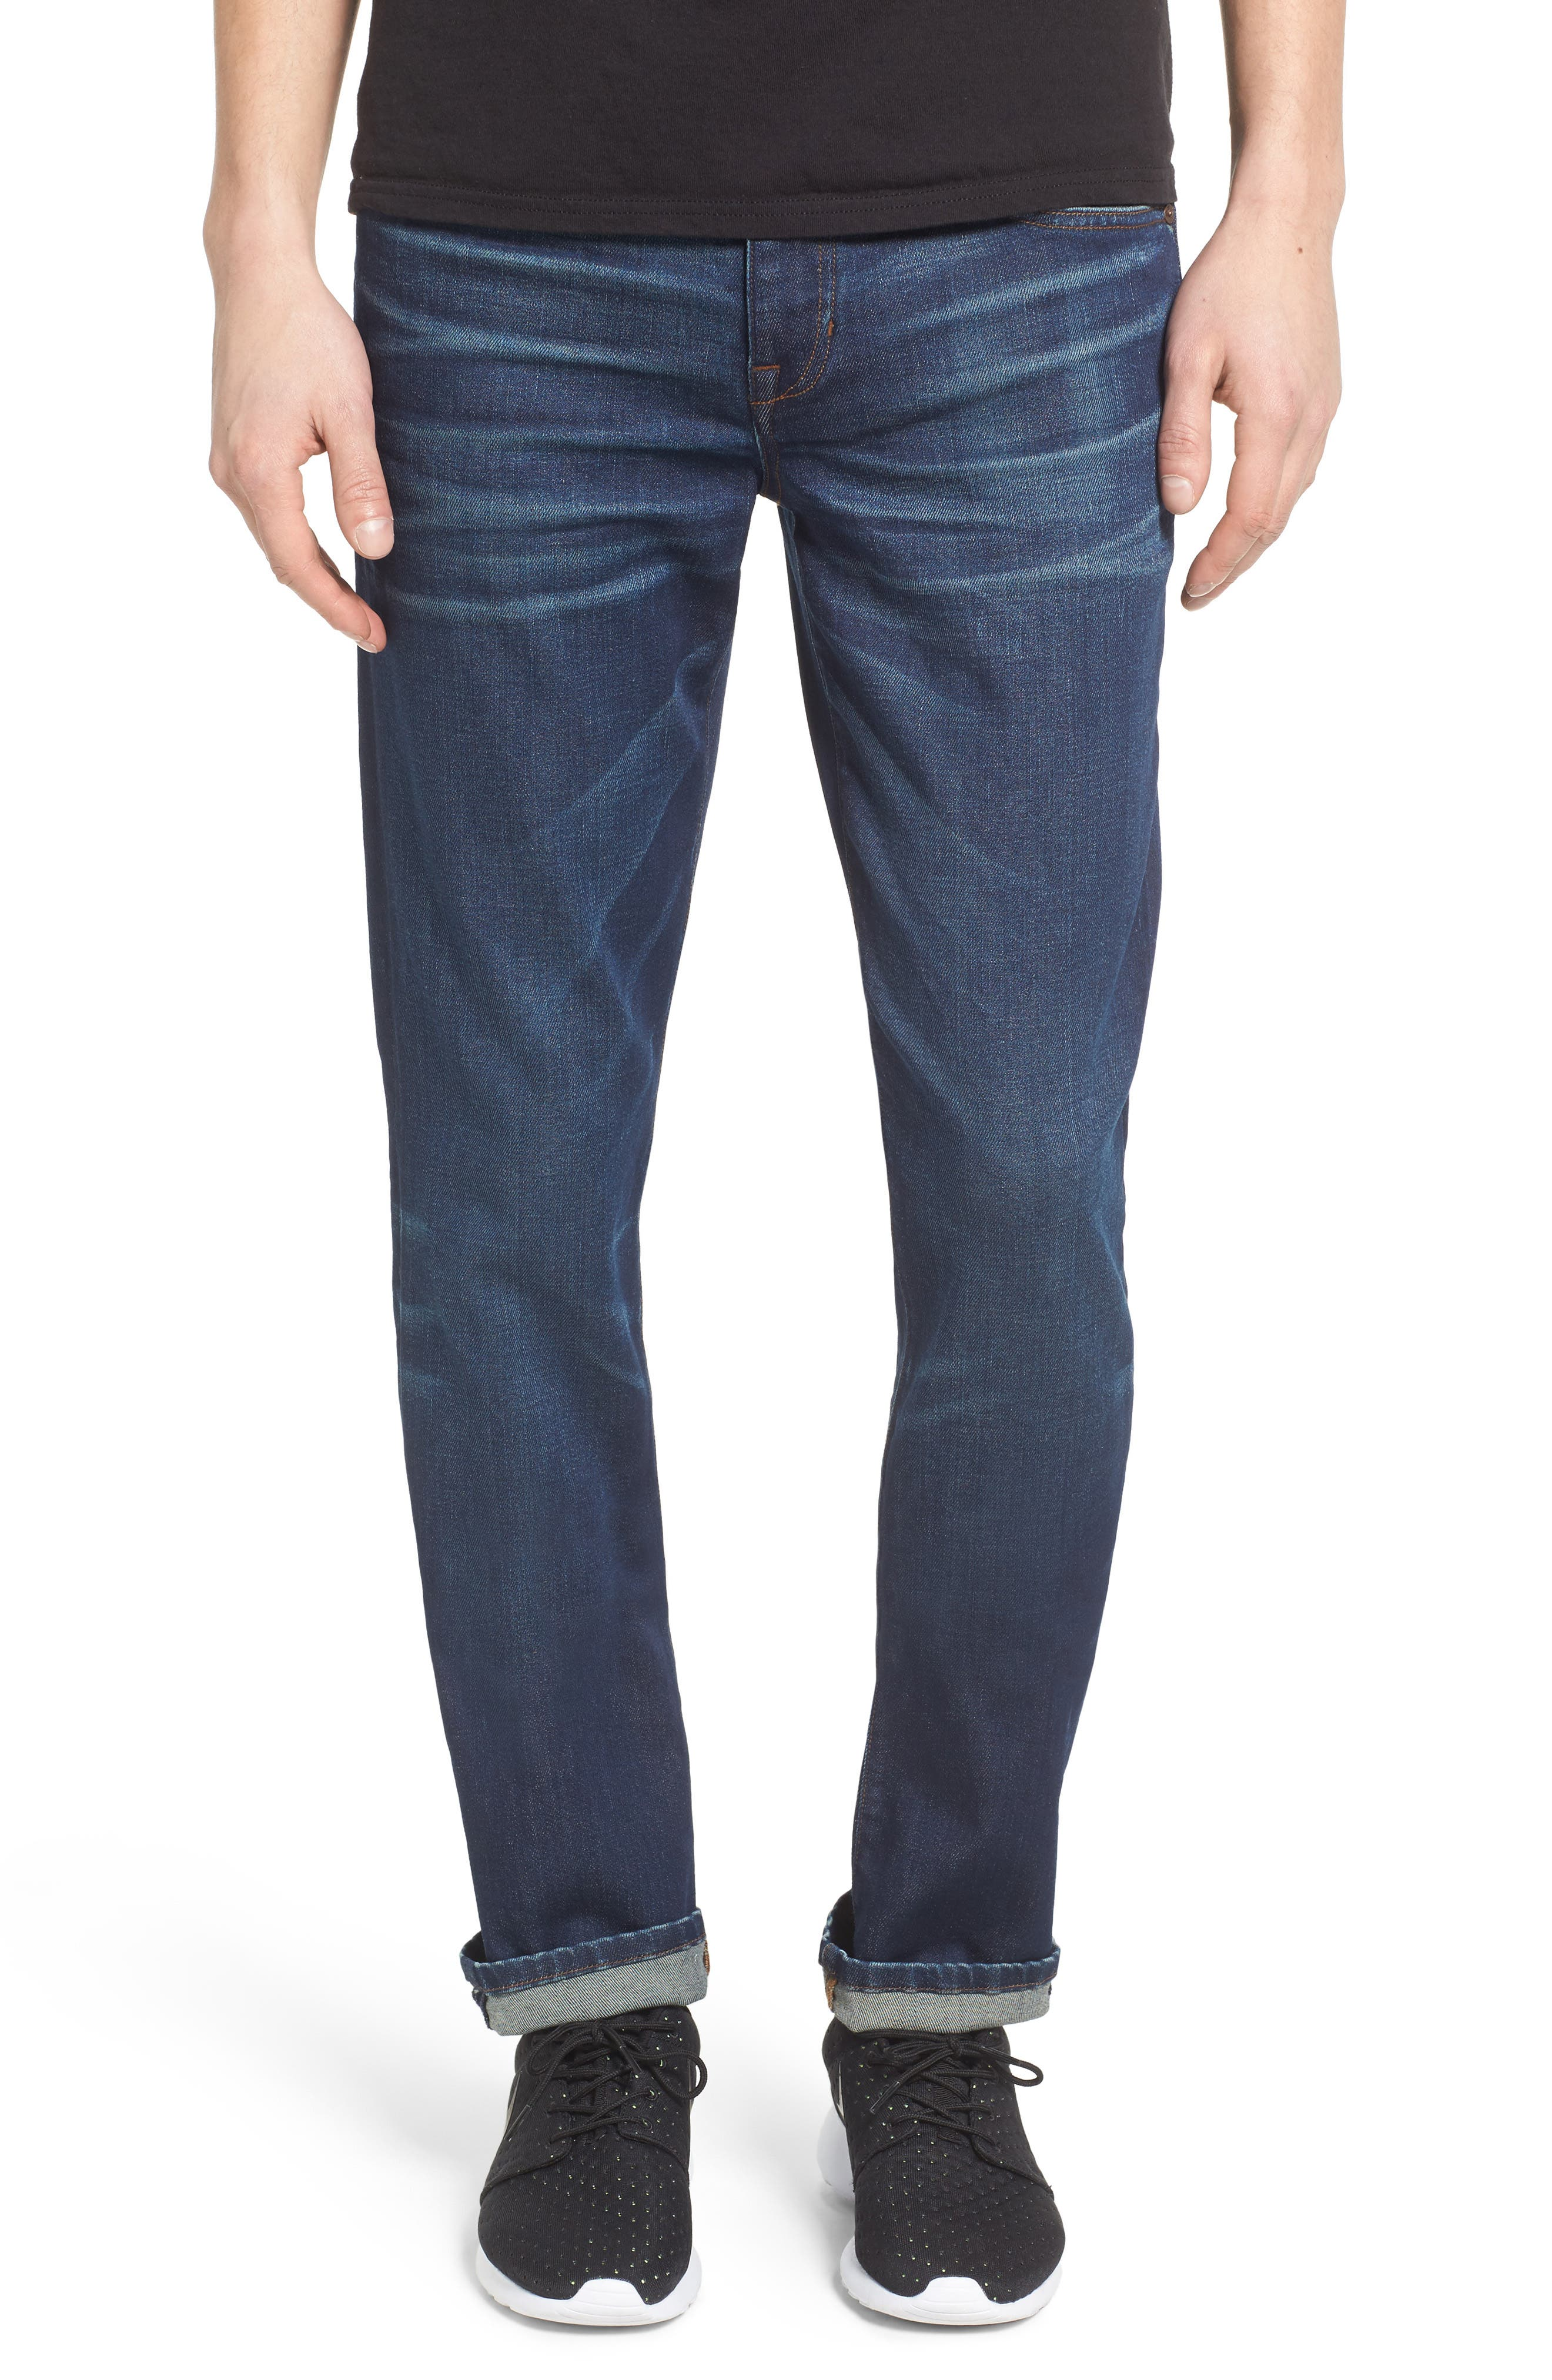 JOES Slim Skinny Fit Jeans